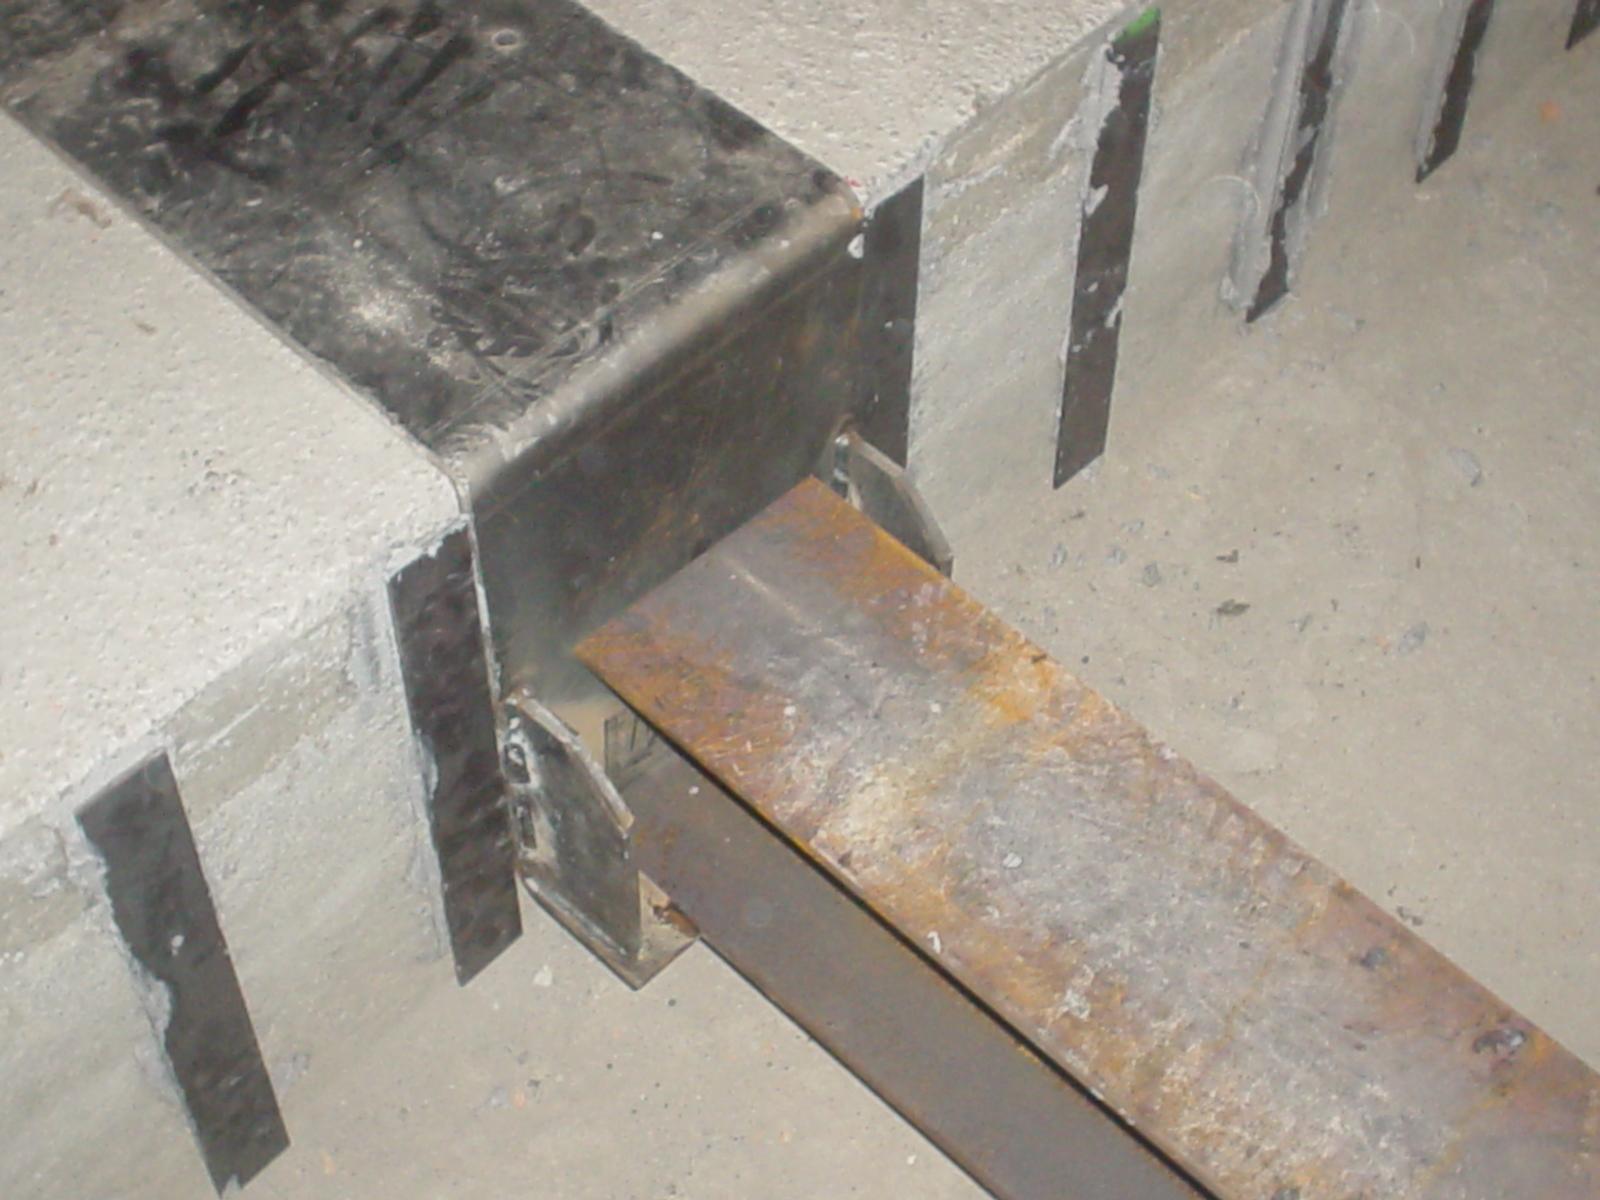 15H - Dopo il placcaggio con resina epossidica  di ferri con funzione di staffa posa dei travetti in profilato d'acciaio